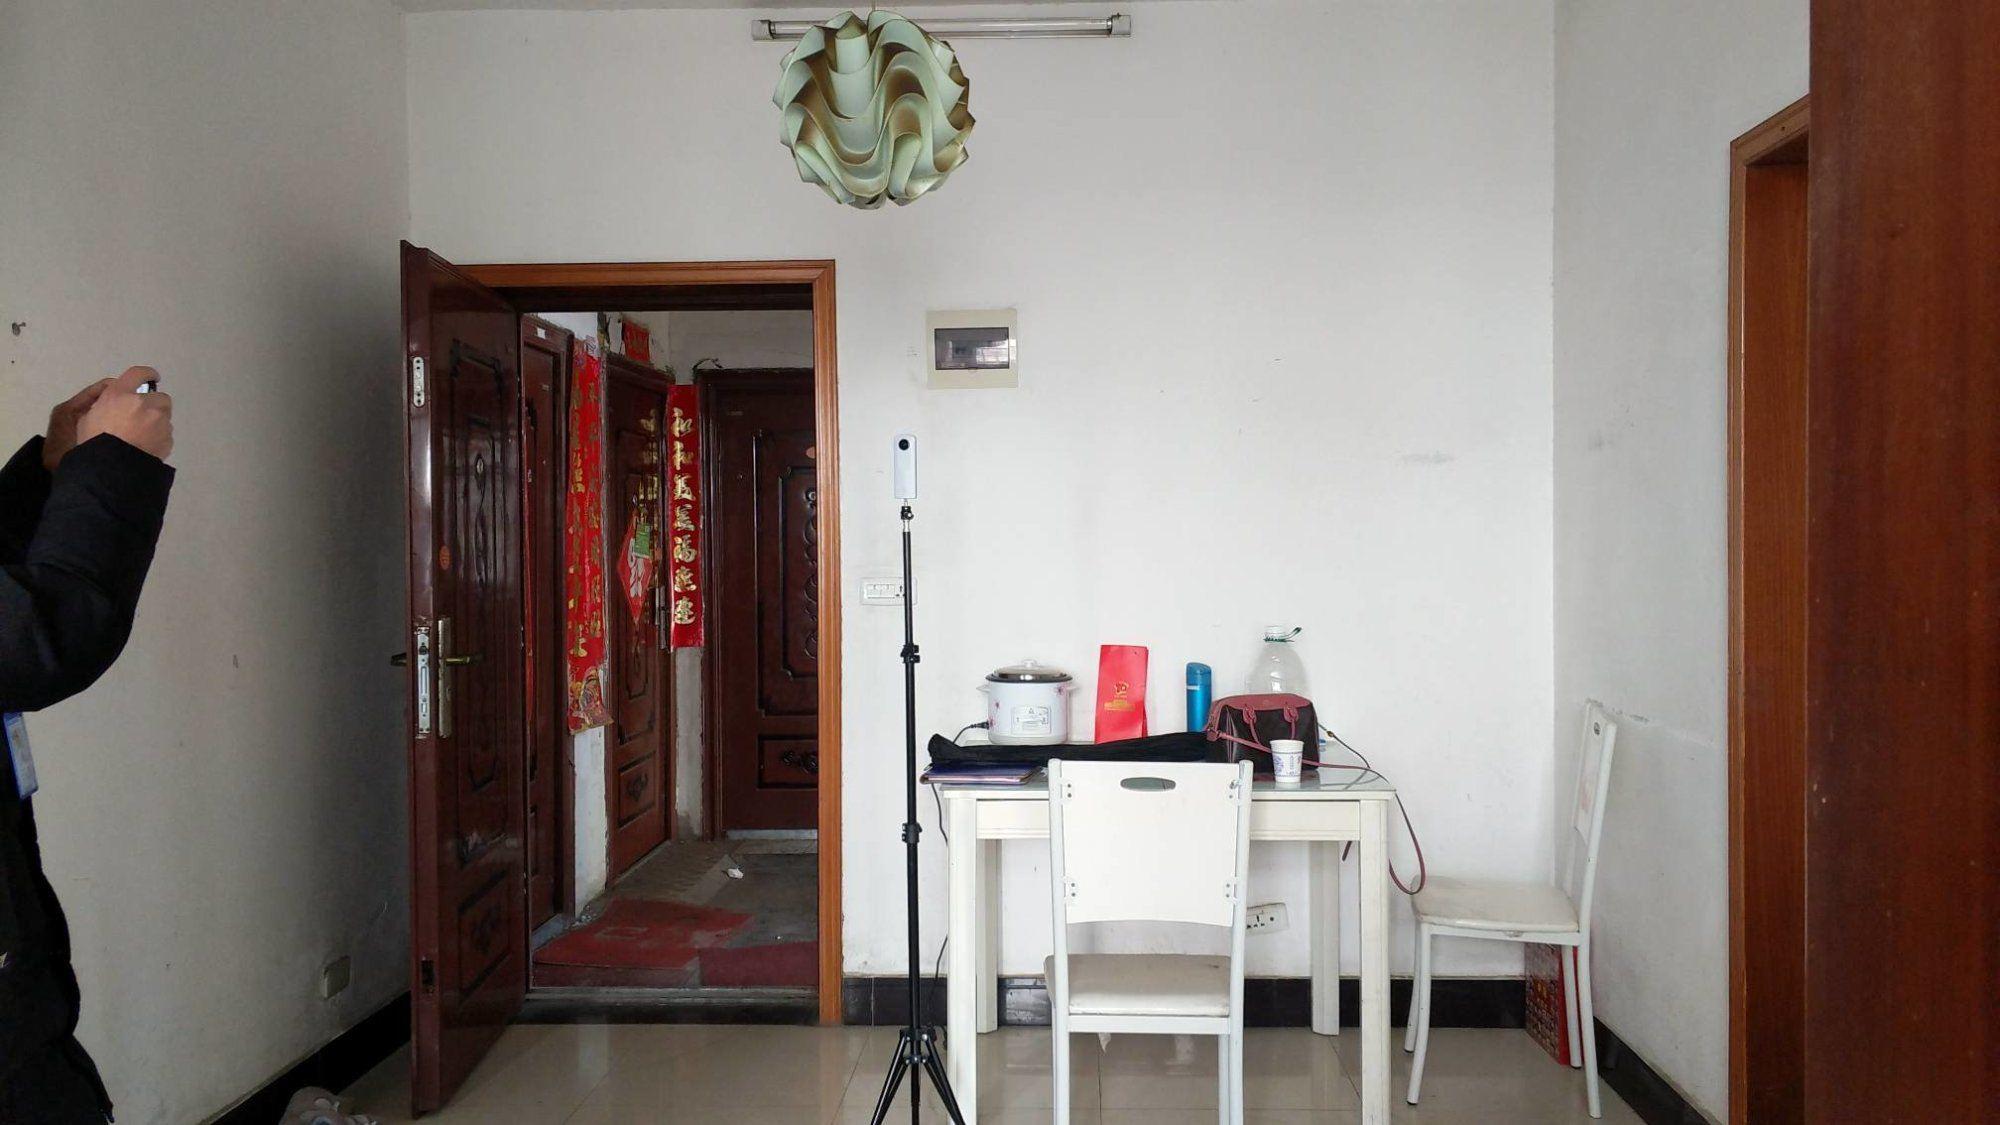 捡漏房 房东缺钱急售  仙桃中学对面恒雅名苑两房 头资 自住